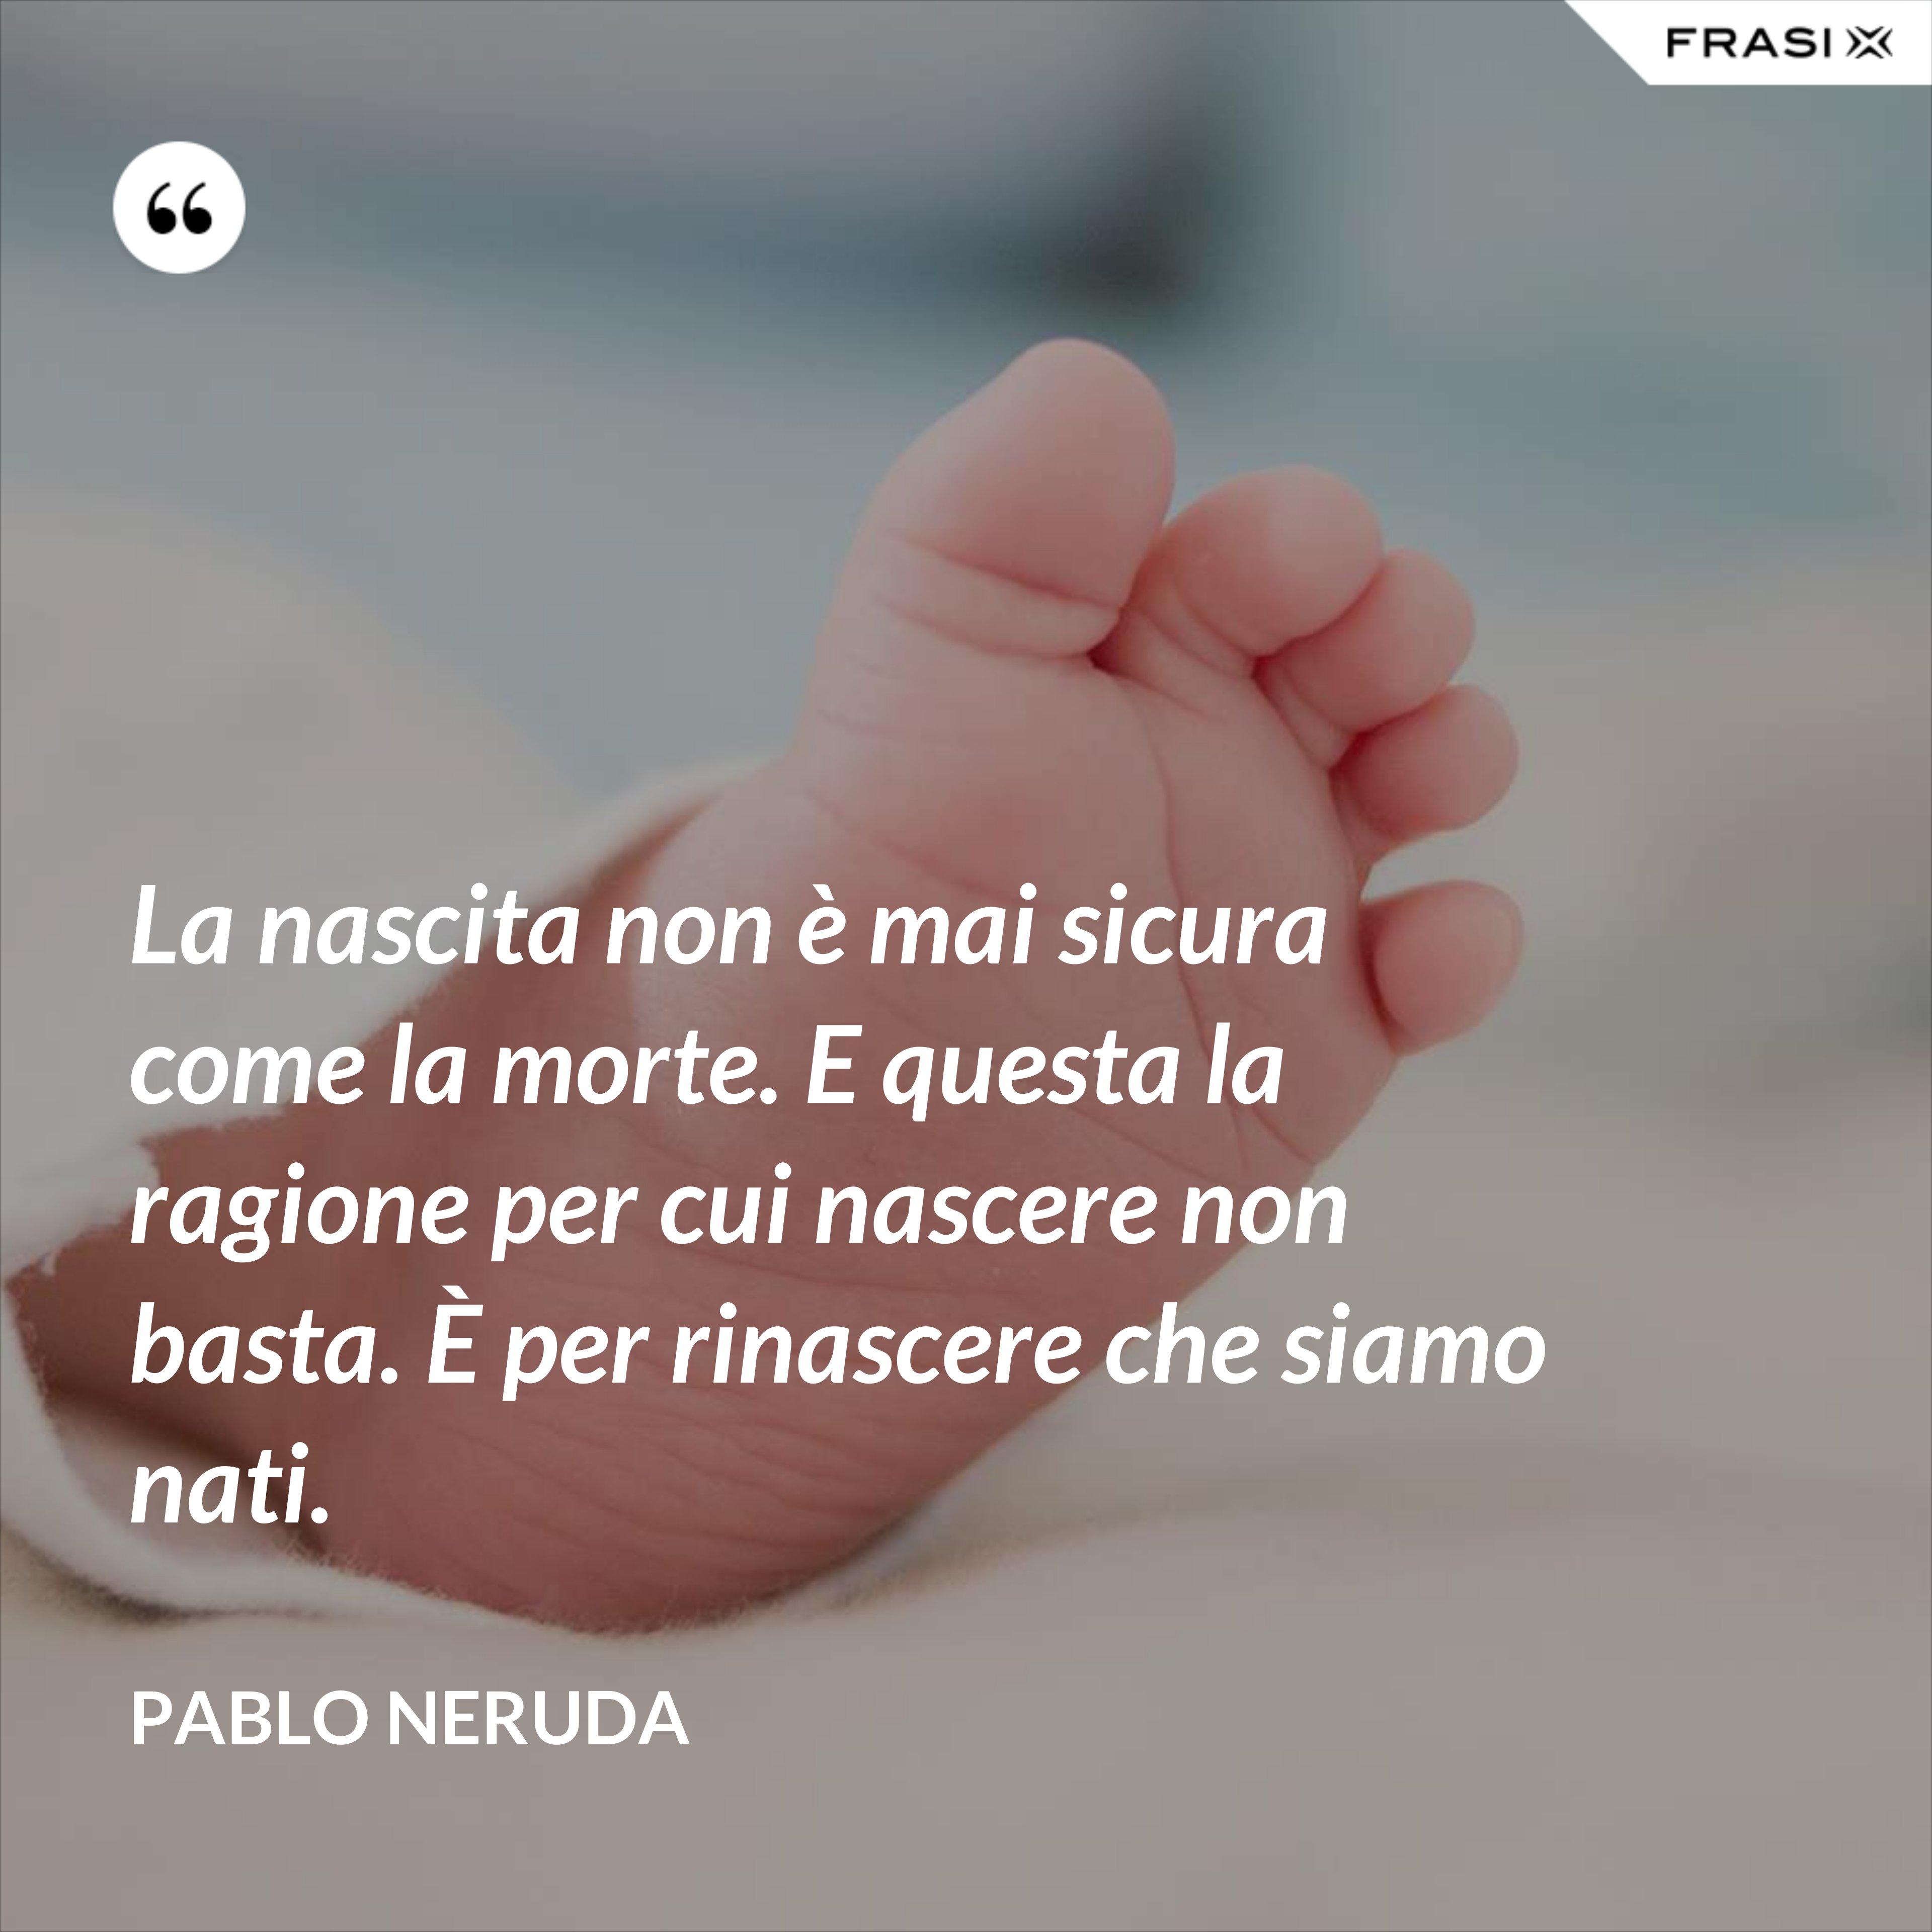 La nascita non è mai sicura come la morte. E questa la ragione per cui nascere non basta. È per rinascere che siamo nati. - Pablo Neruda